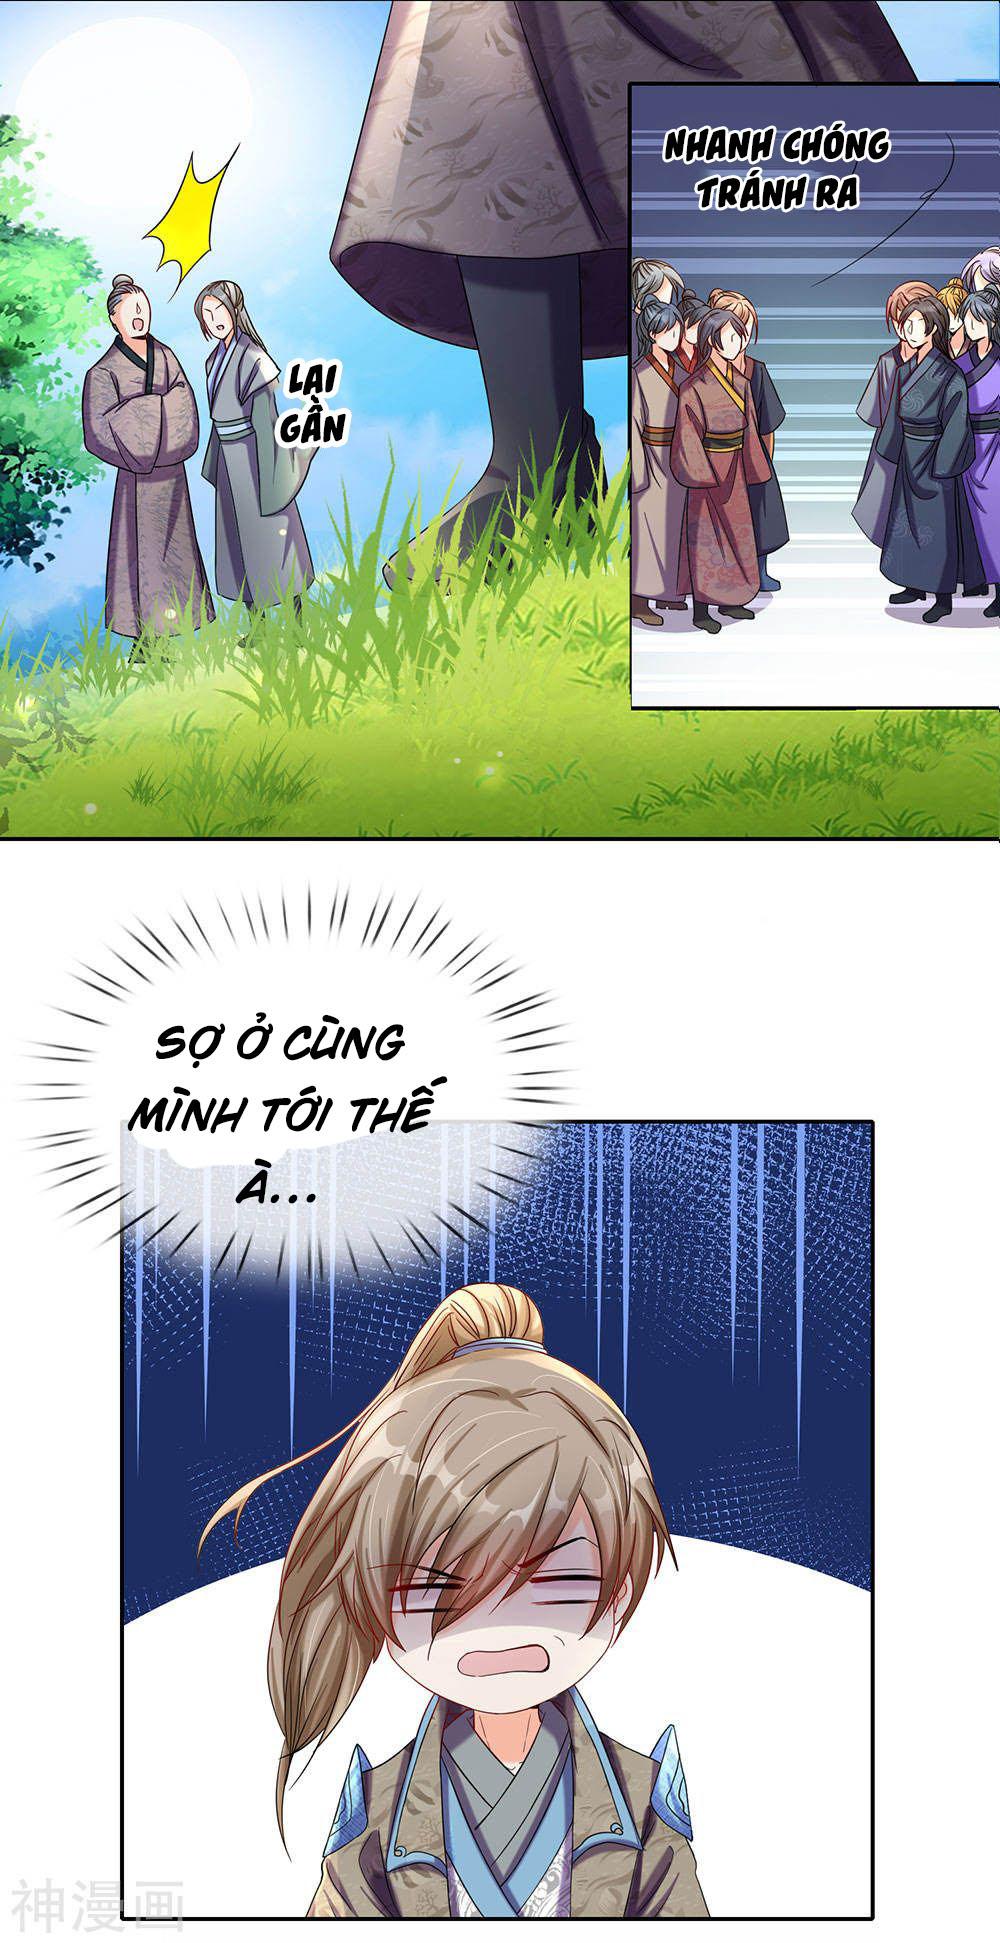 Nghịch Thiên Kiếm Thần Chapter 74 - Truyenmoi.xyz